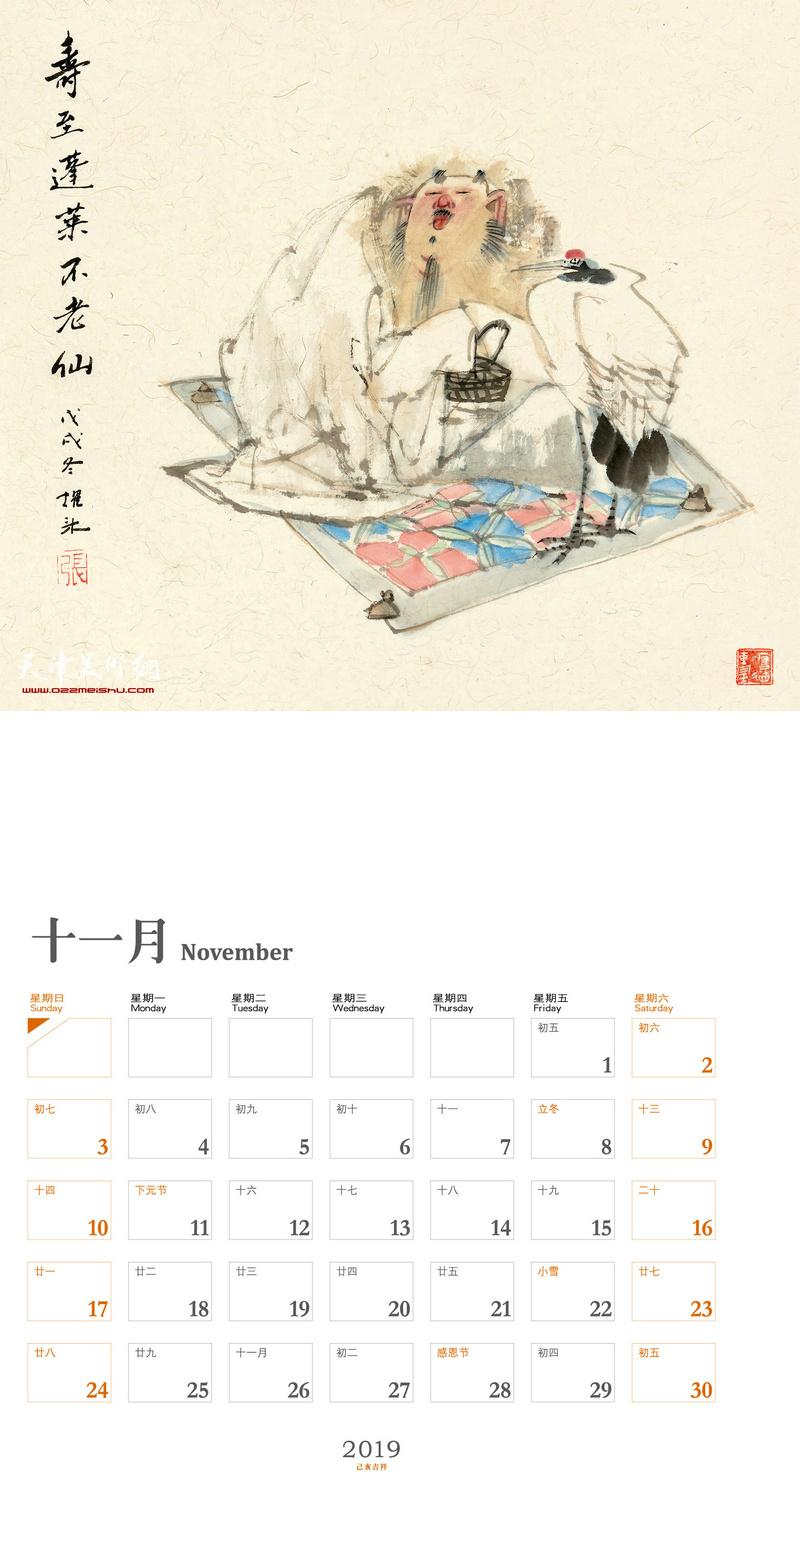 2019己亥吉祥 十一月 张耀来作品:寿至蓬莱不老仙